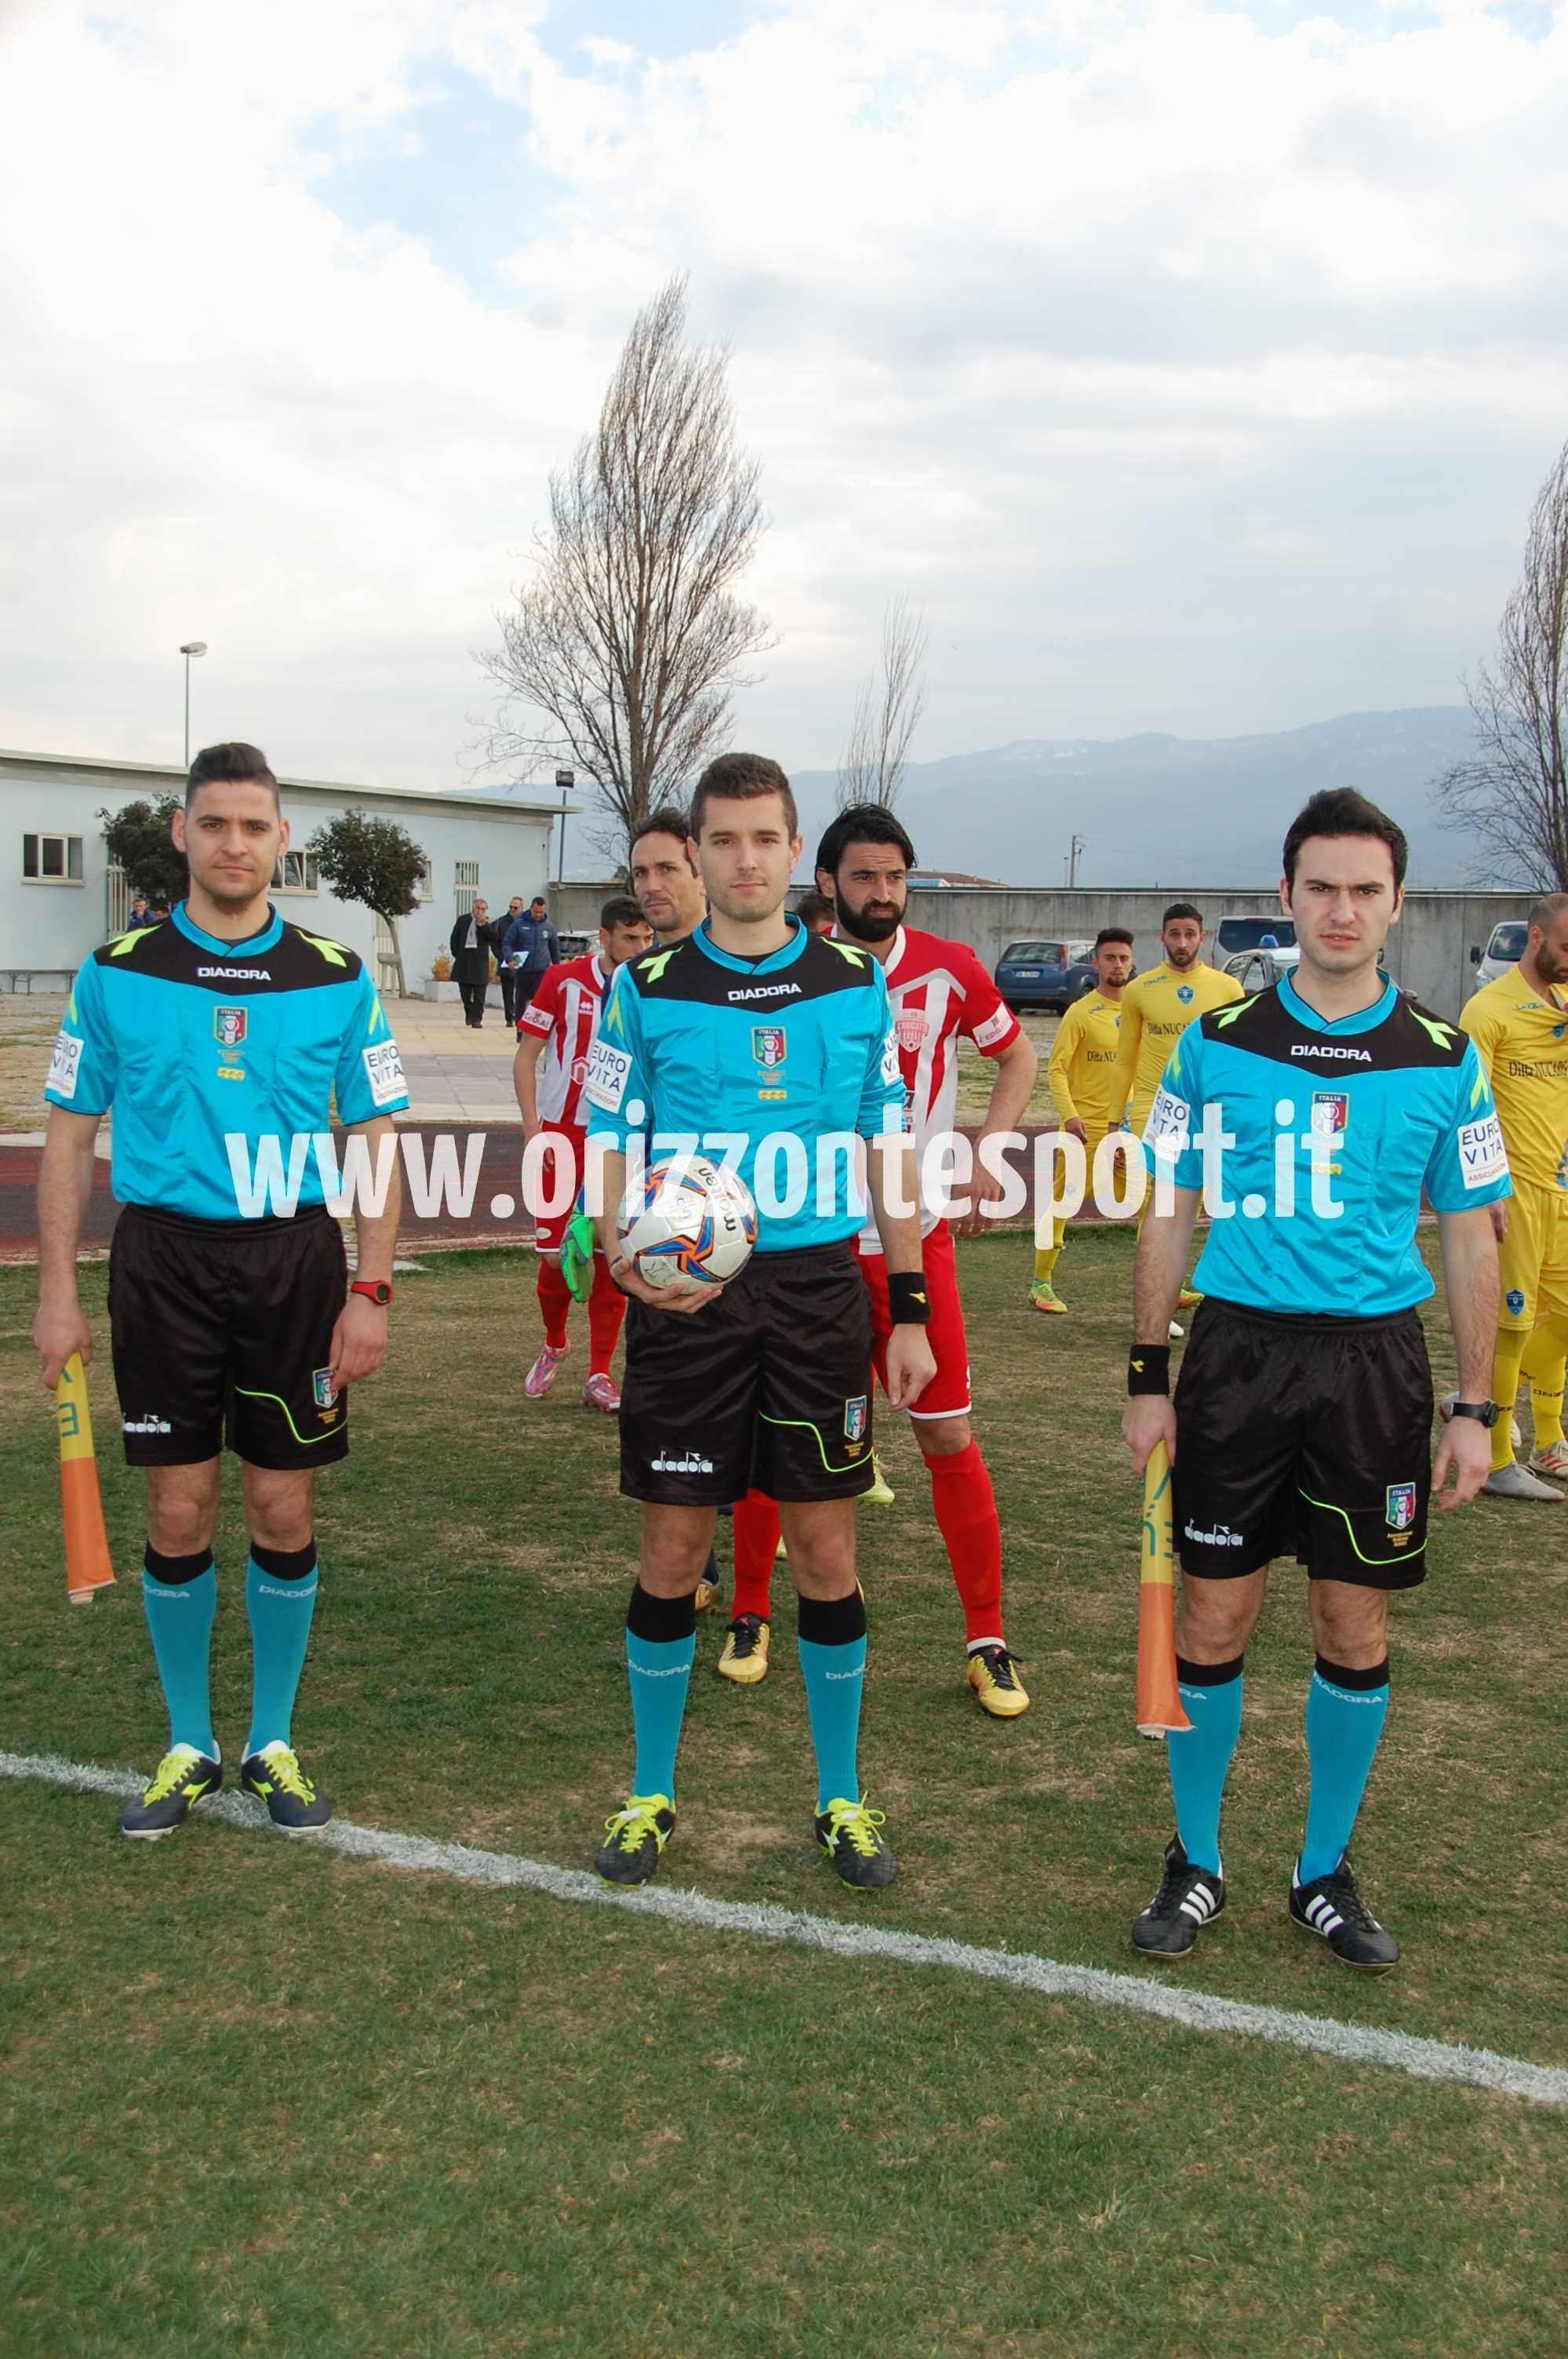 corigliano_canicatti (4)